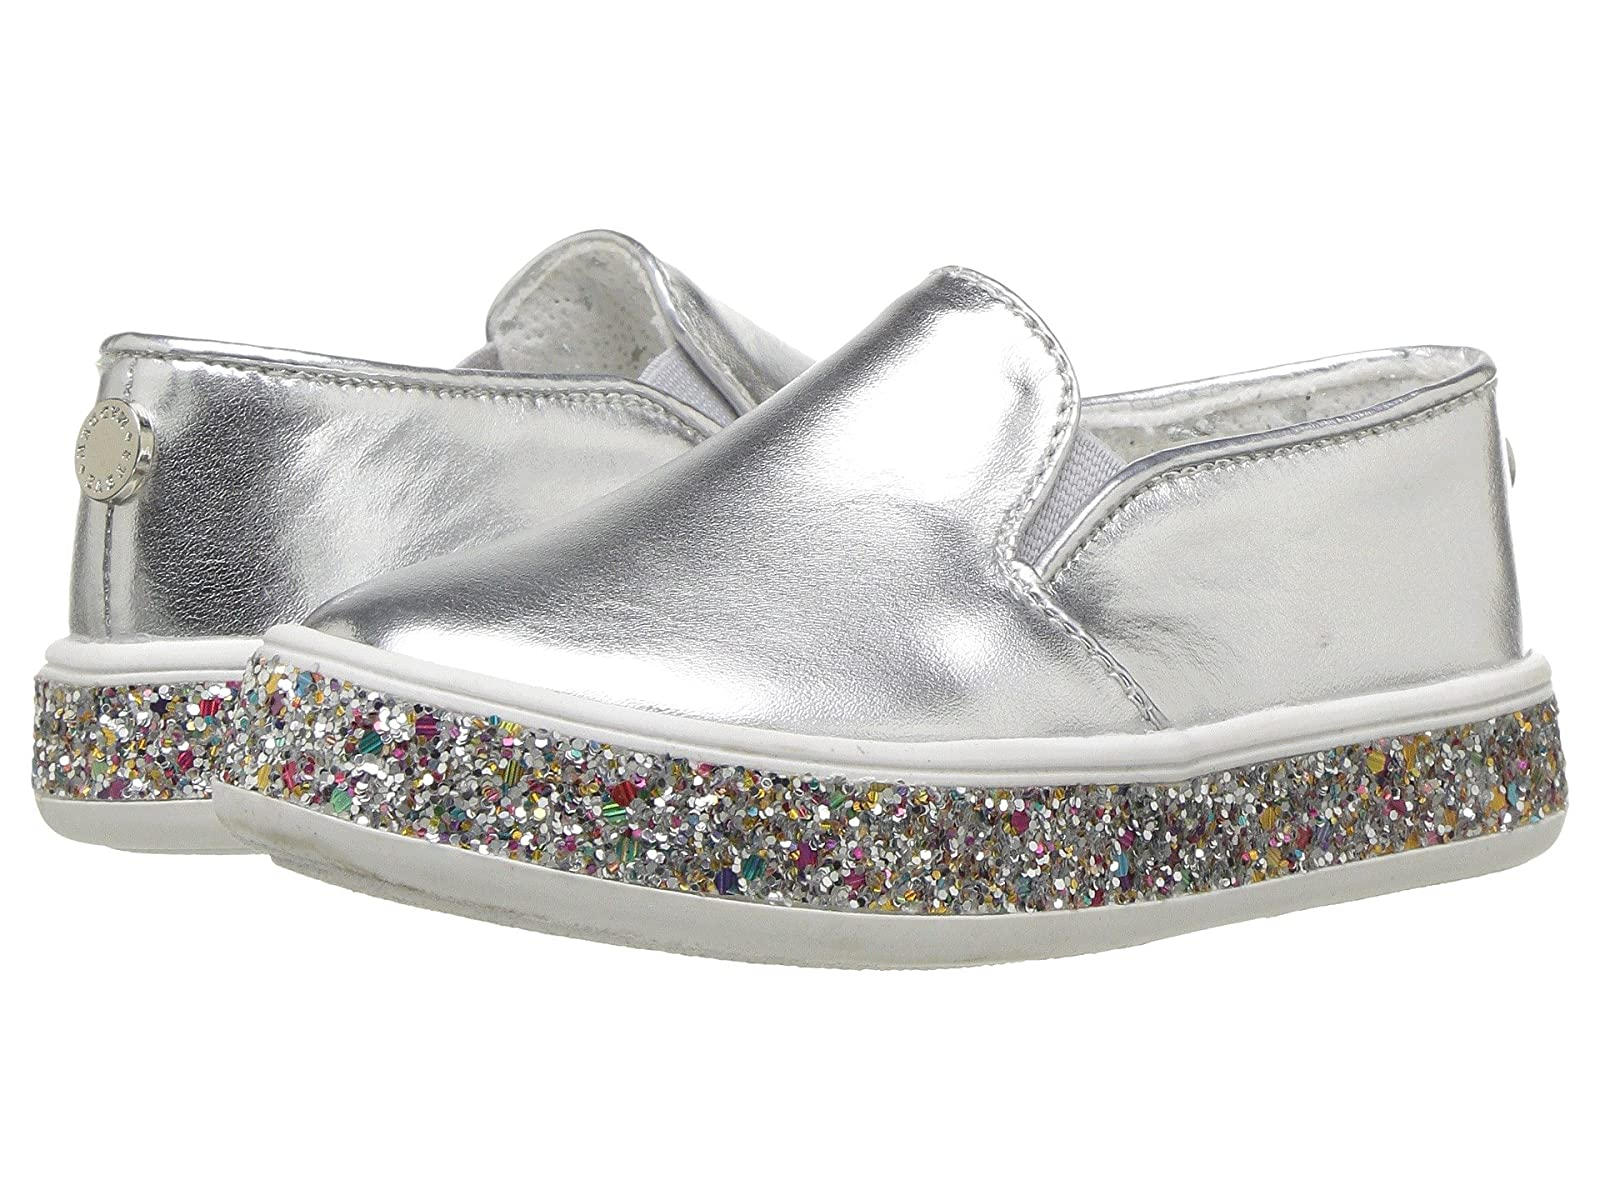 Steve Madden Kids Tgloree (Toddler/Little Kid)Atmospheric grades have affordable shoes